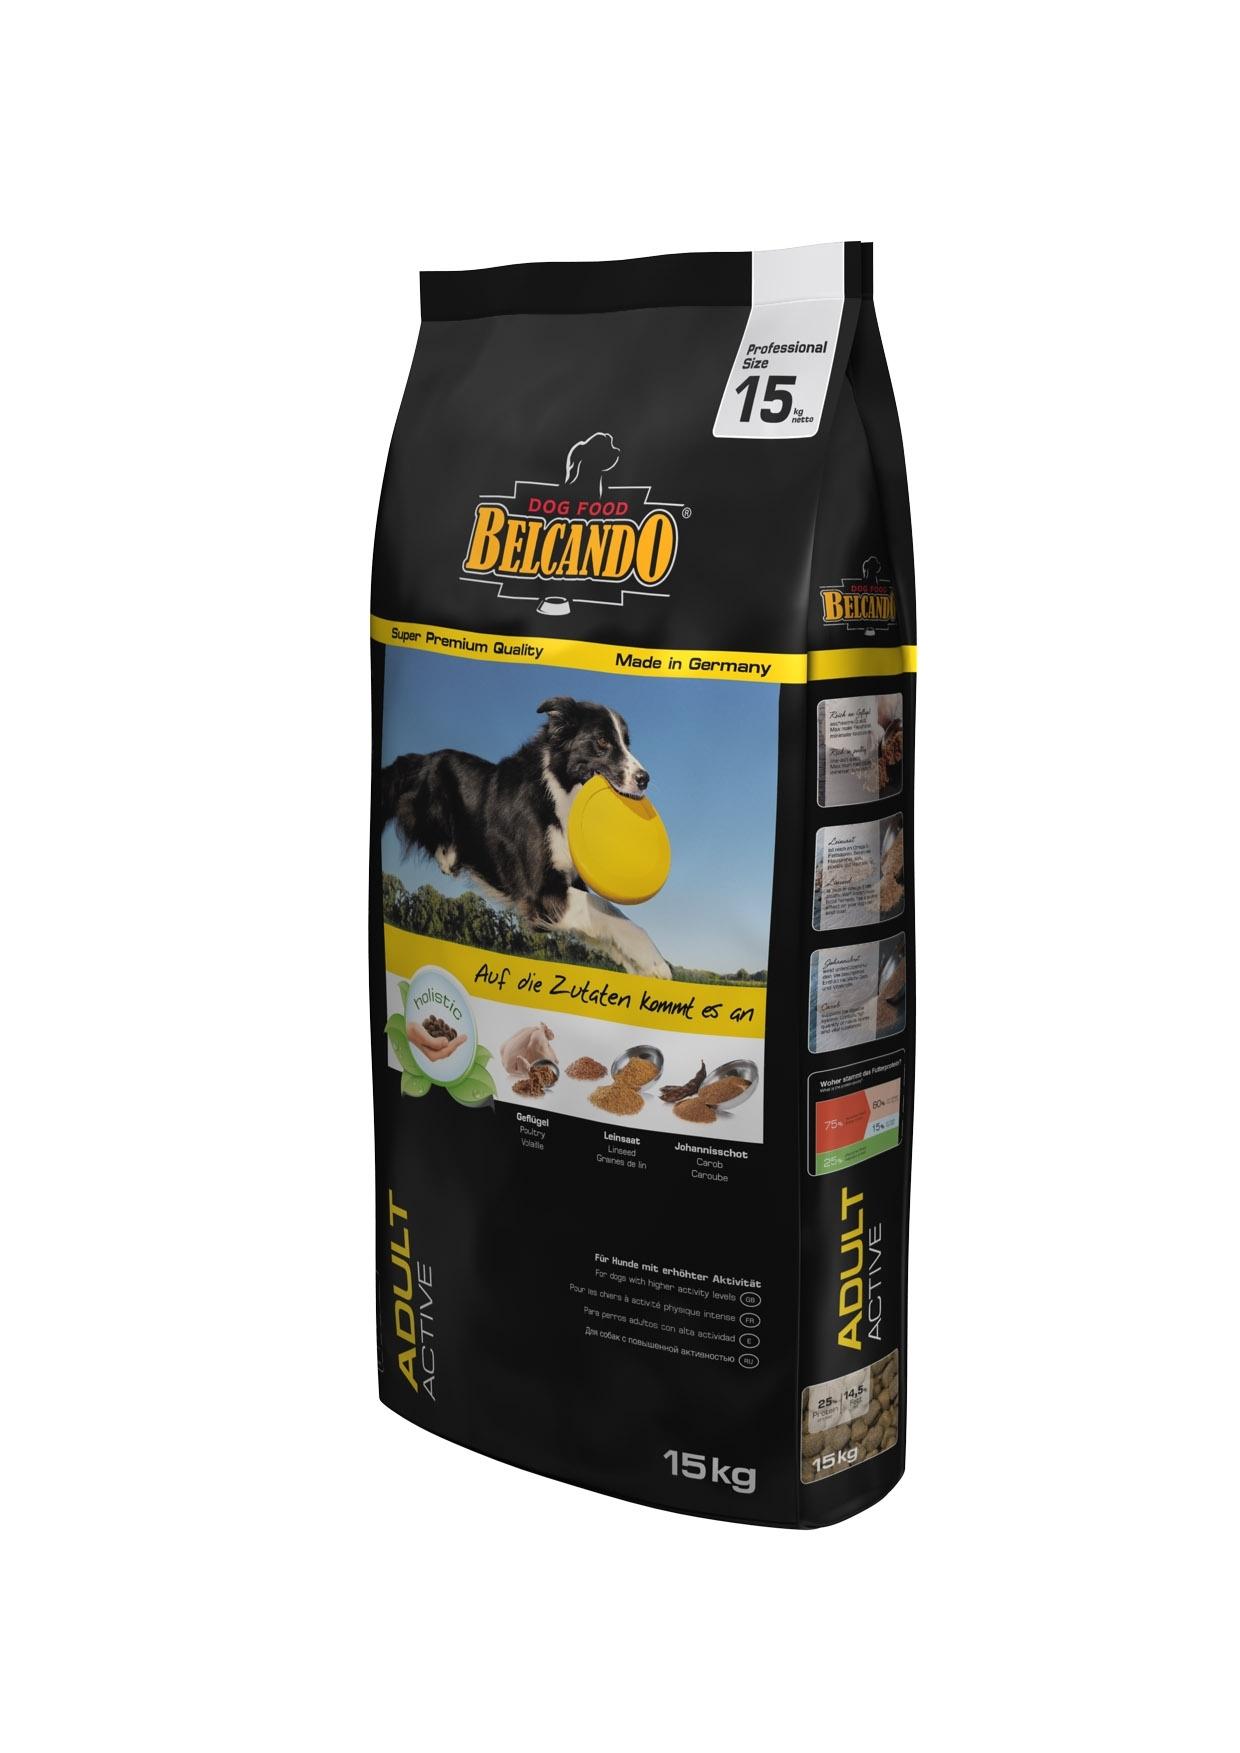 Корм сухой Belcando Adult Activ, для активных собак крупных и средних пород, с индейкой, 15 кг32148Корм Belcando Adult Activ - полноценный корм для активных собак крупных и средних пород. В состав корма входят плоды рожкового дерева для поддержания работы желудочно-кишечного тракта. Добавлена мука из виноградной косточки для поддержания работы сердца. Корм идеален для активных собак, которым требуется большое количество минеральных веществ и микроэлементов! Сбалансированная энергетическая ценность корма Belcando Adult Active позволяет вашему питомцу оставаться в отличной форме. Легкоусваиваемые жиры и незаменимые аминокислоты улучшают выносливость и физическое состояние. Состав: Сухое мясо птицы пониженной зольности (21,5%); кукуруза; овес; рис; мука сельди (6%); жир домашней птицы; рафинированное растительное масло; цареградский стручок крупного помола (2,5%); вытяжка из виноградной косточки; пивные дрожжи; льняное семя (2,3%); сухой жом; дикальций фосфат; гидролизат печени птицы; поваренная соль; калий хлористый; травы (всего 0,2%: листья крапивы,...